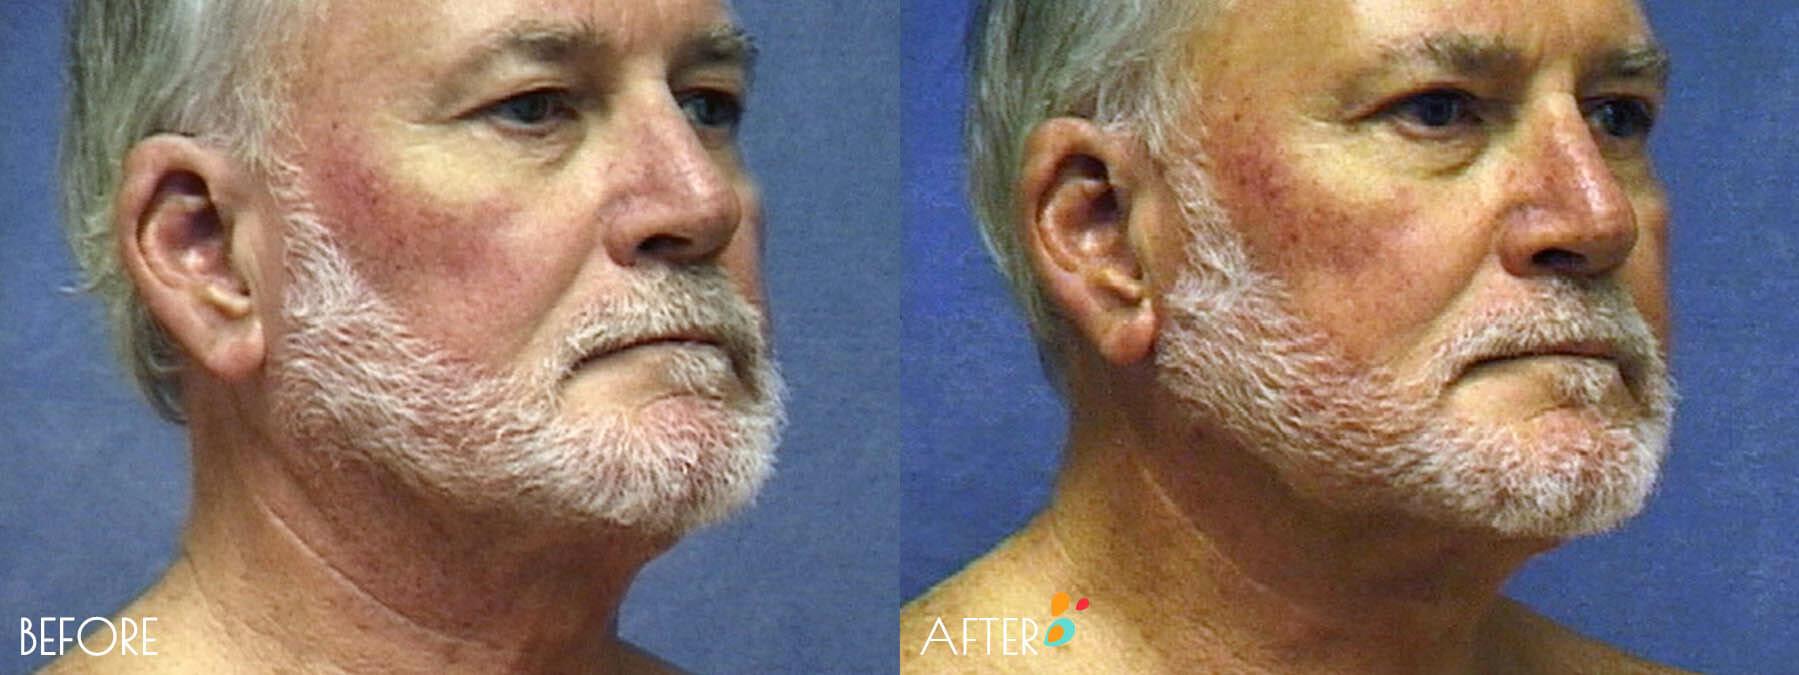 Face Lift Patient 12, Quarter 2